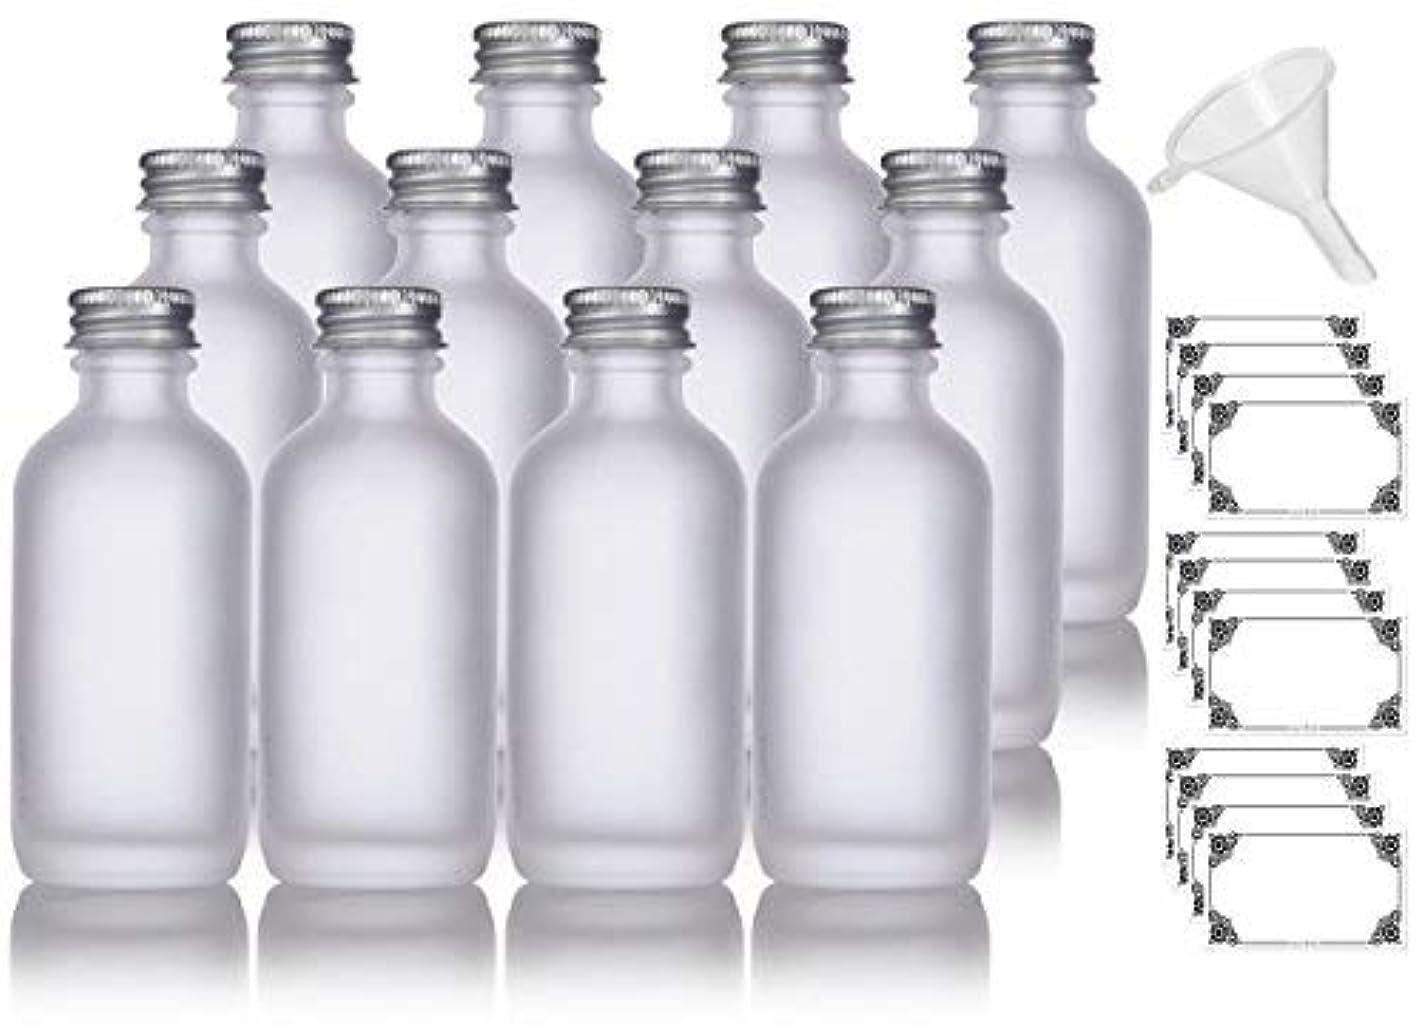 びっくりする見出しネックレット2 oz Frosted Clear Glass Boston Round Silver Screw On Cap Bottle (12 pack) + Funnel and Labels for cosmetics,...